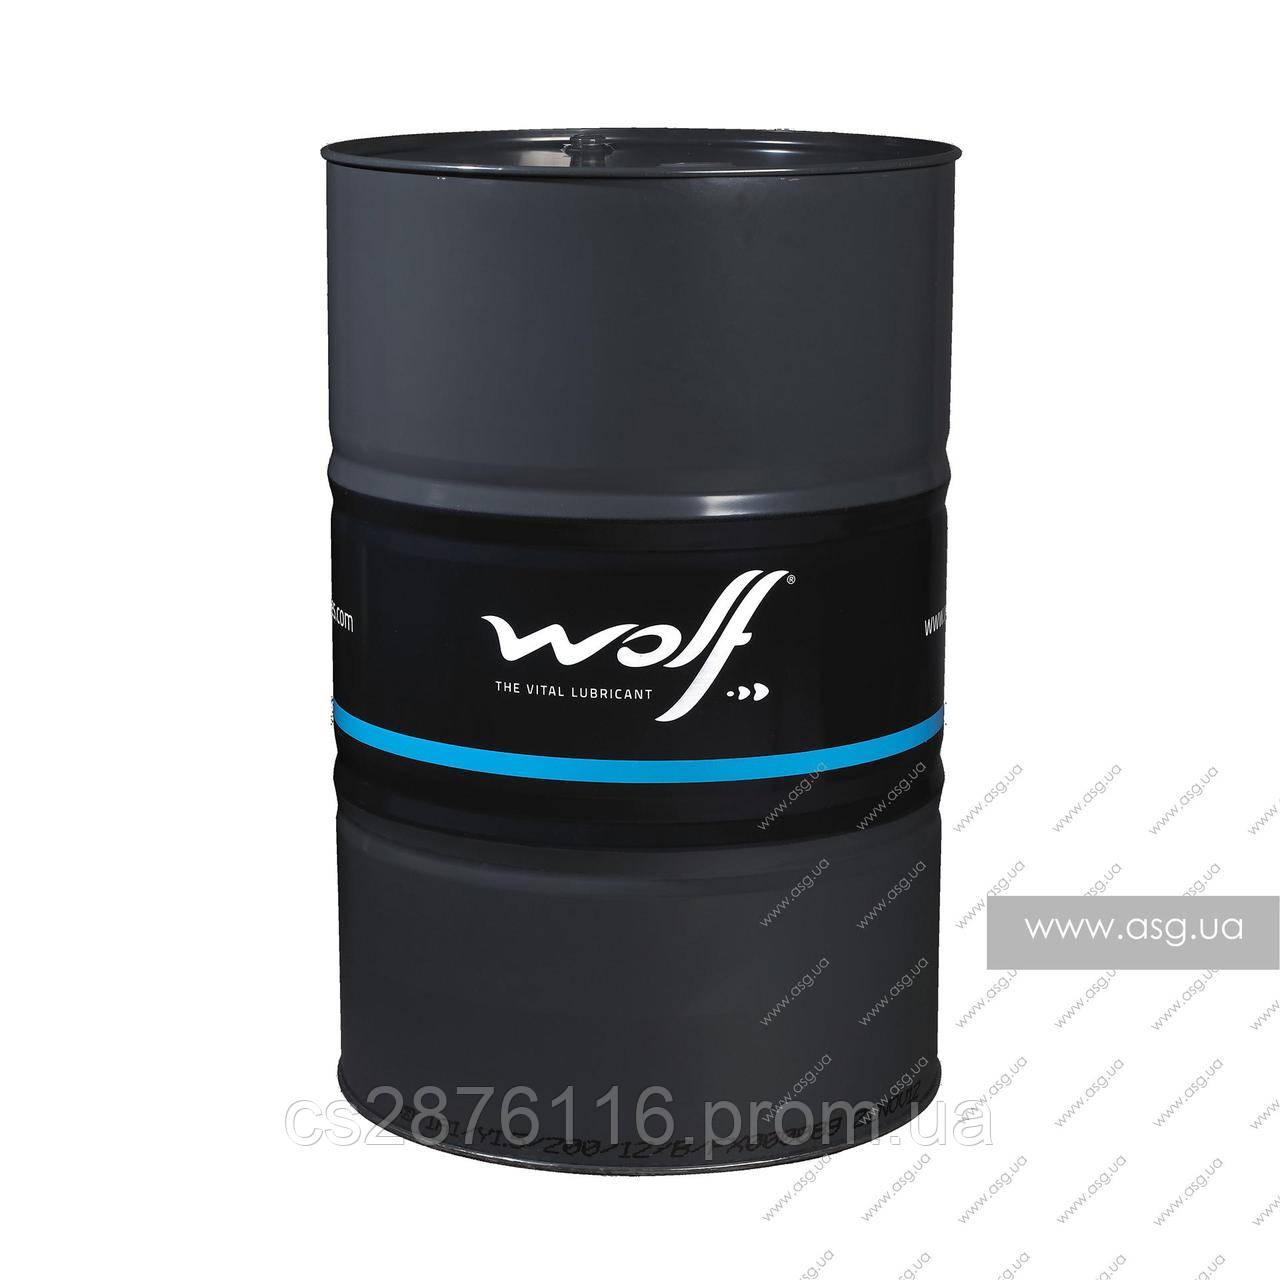 Мастильні матеріали по вигідним цінам фірми WOLF